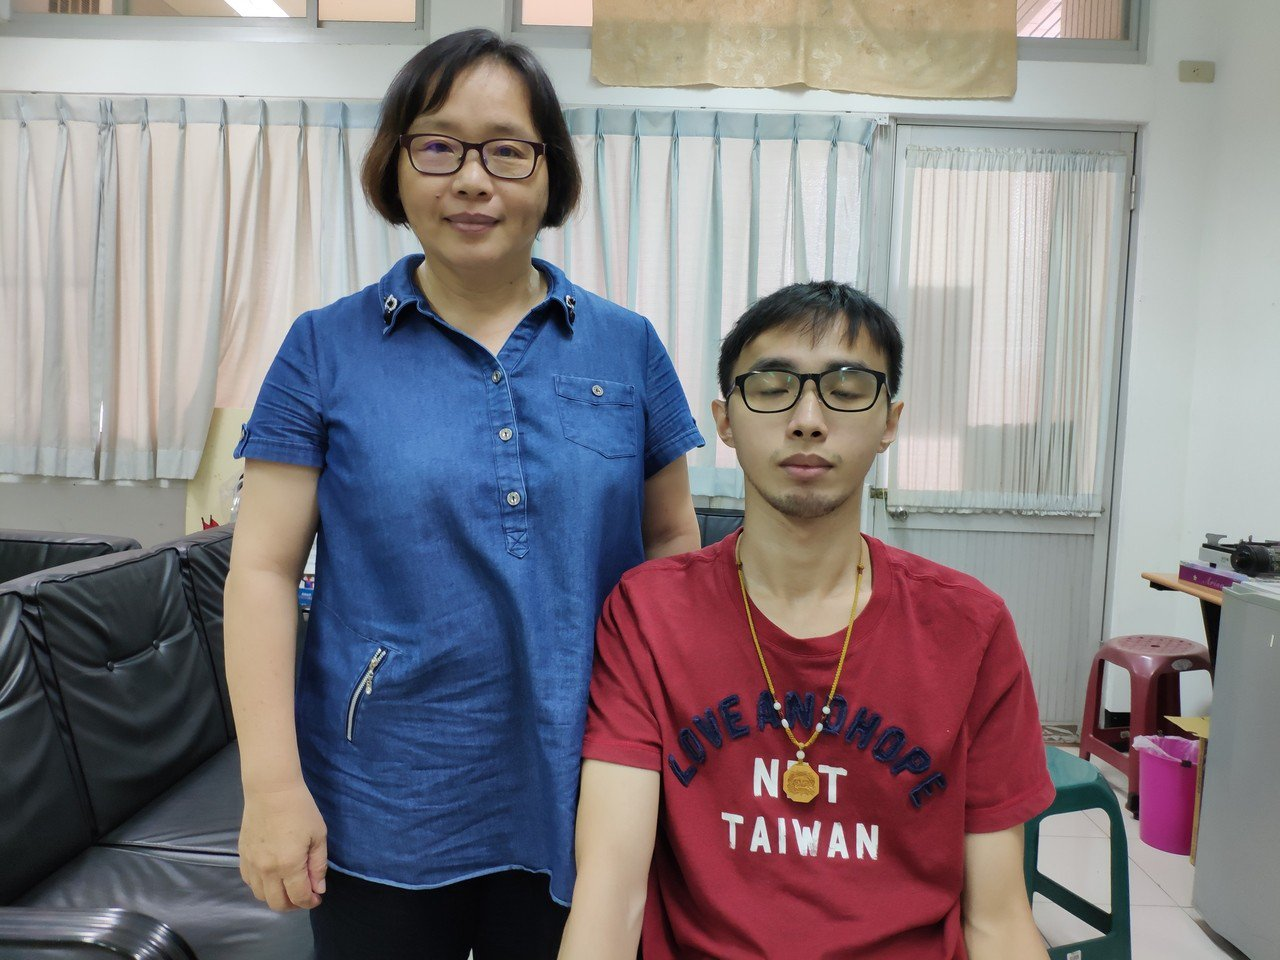 台灣首府大學資訊與多媒體設計學系學生韓文昊與母親薛敏卿。記者謝進盛/攝影